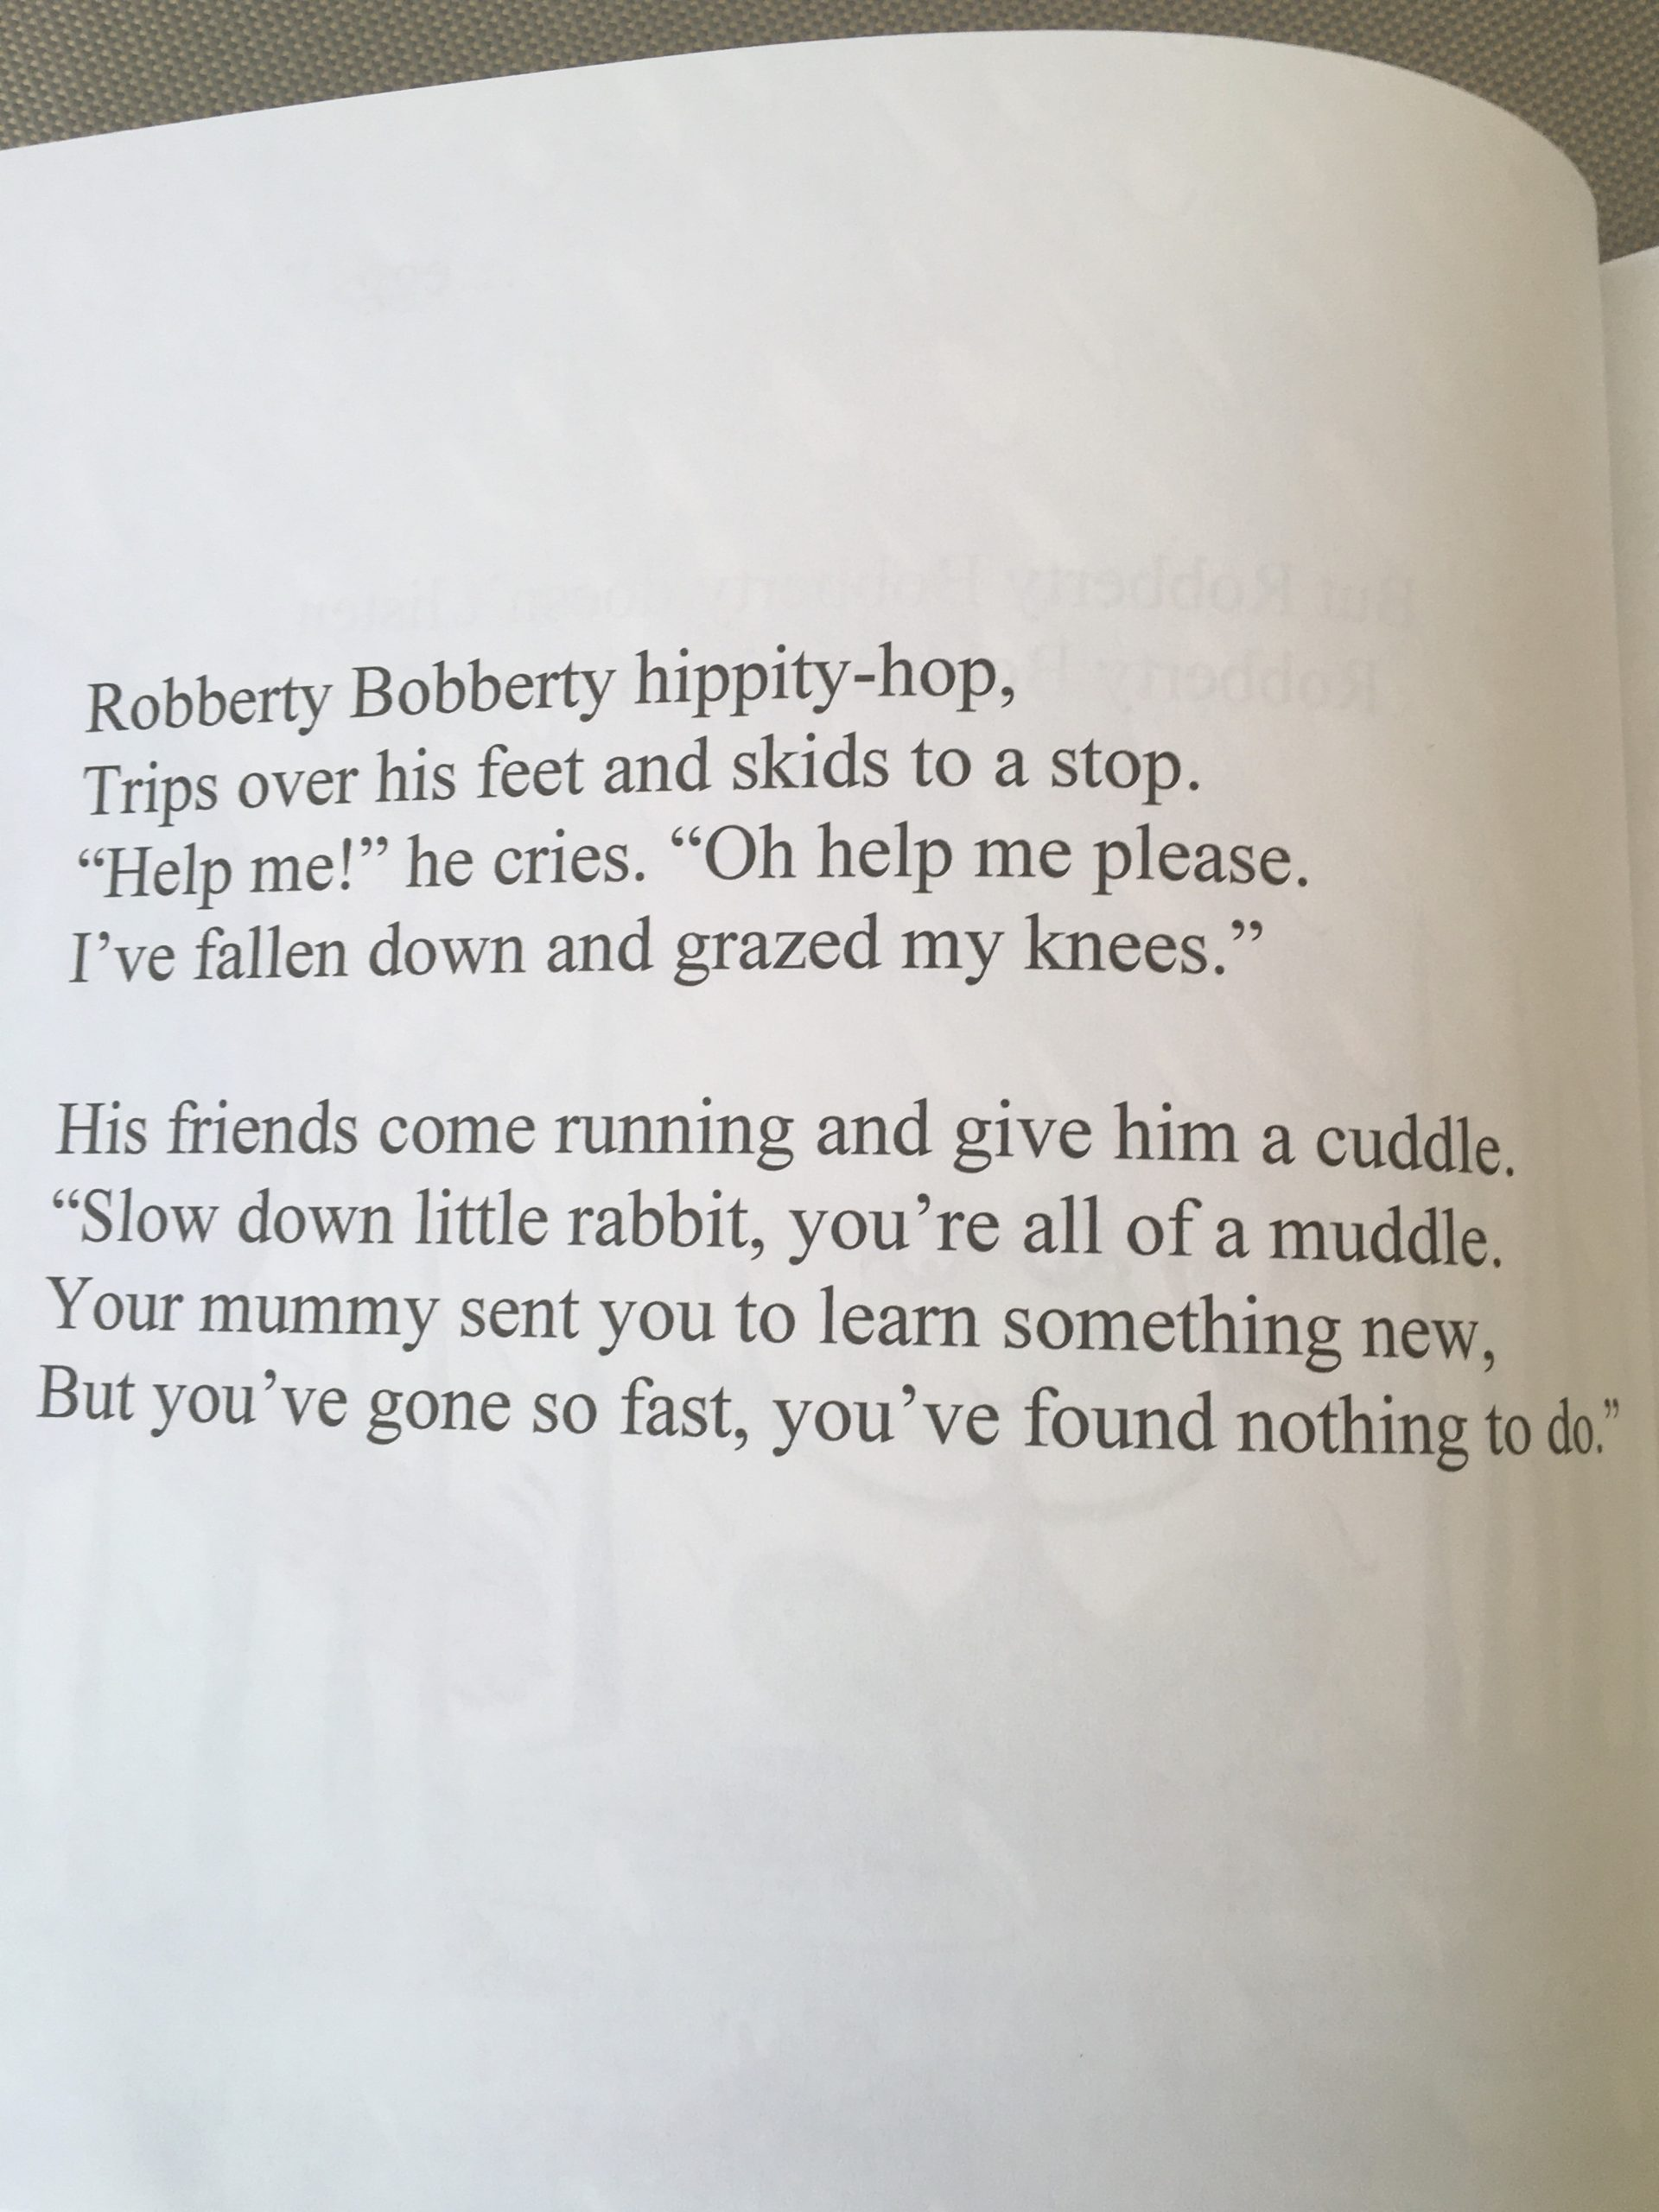 Robberty Bobberty